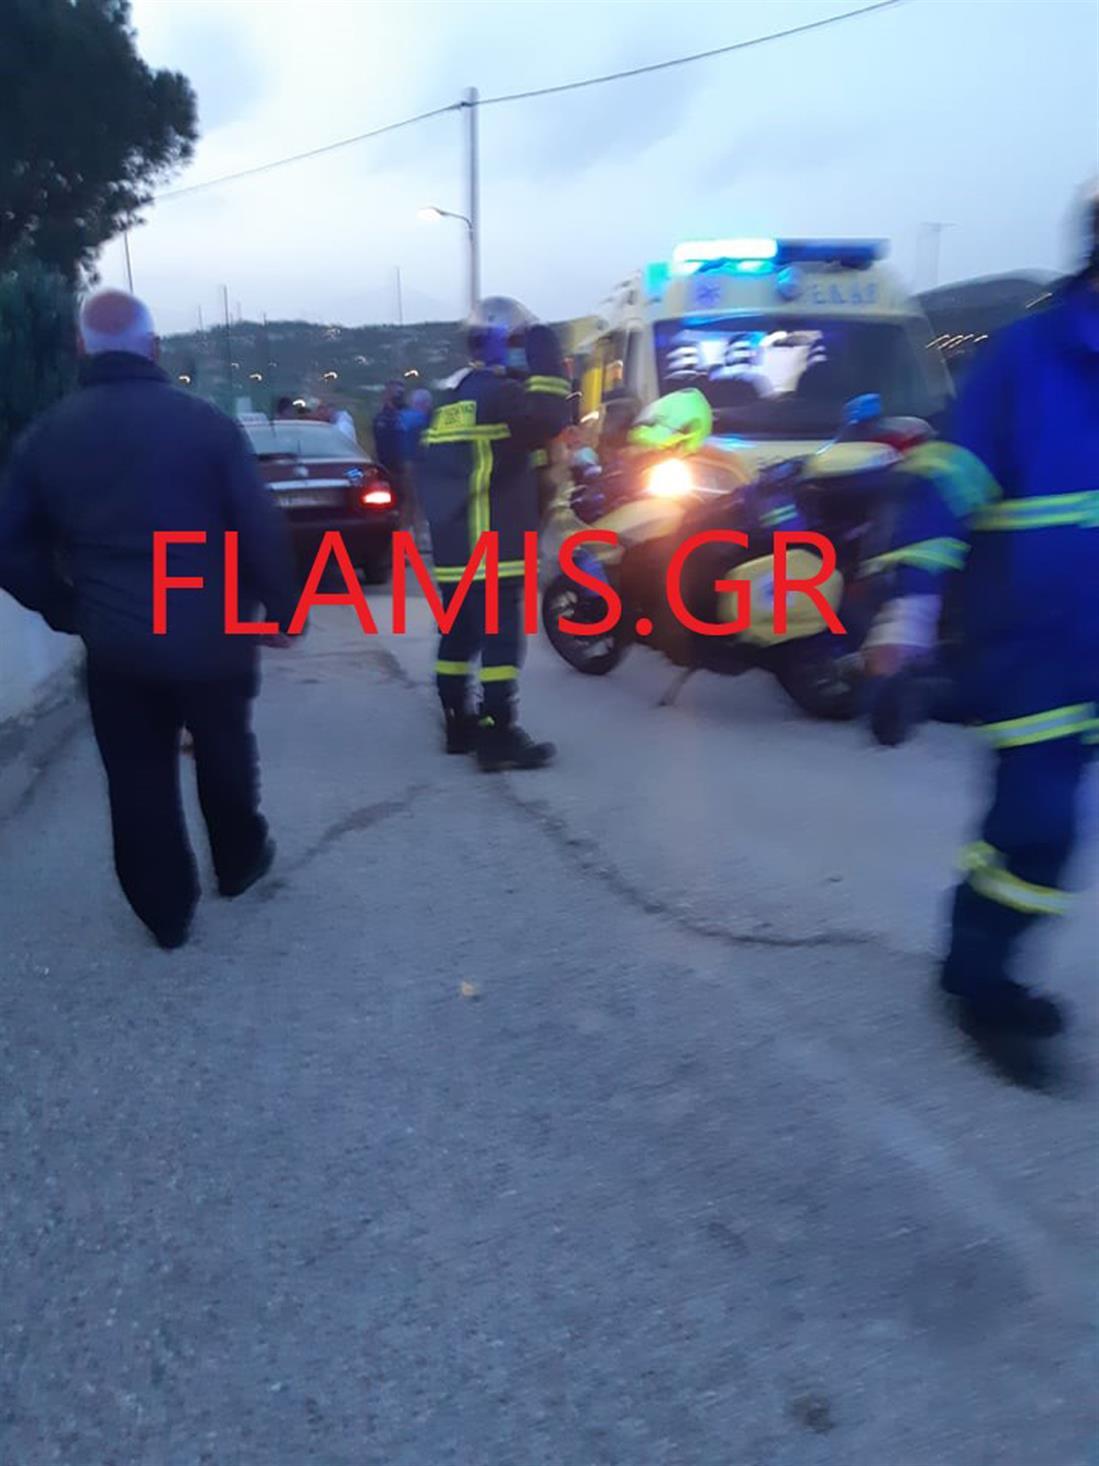 ΠΑΤΡΑ -  ταξιτζής - Ρομά - τραυματρισμός